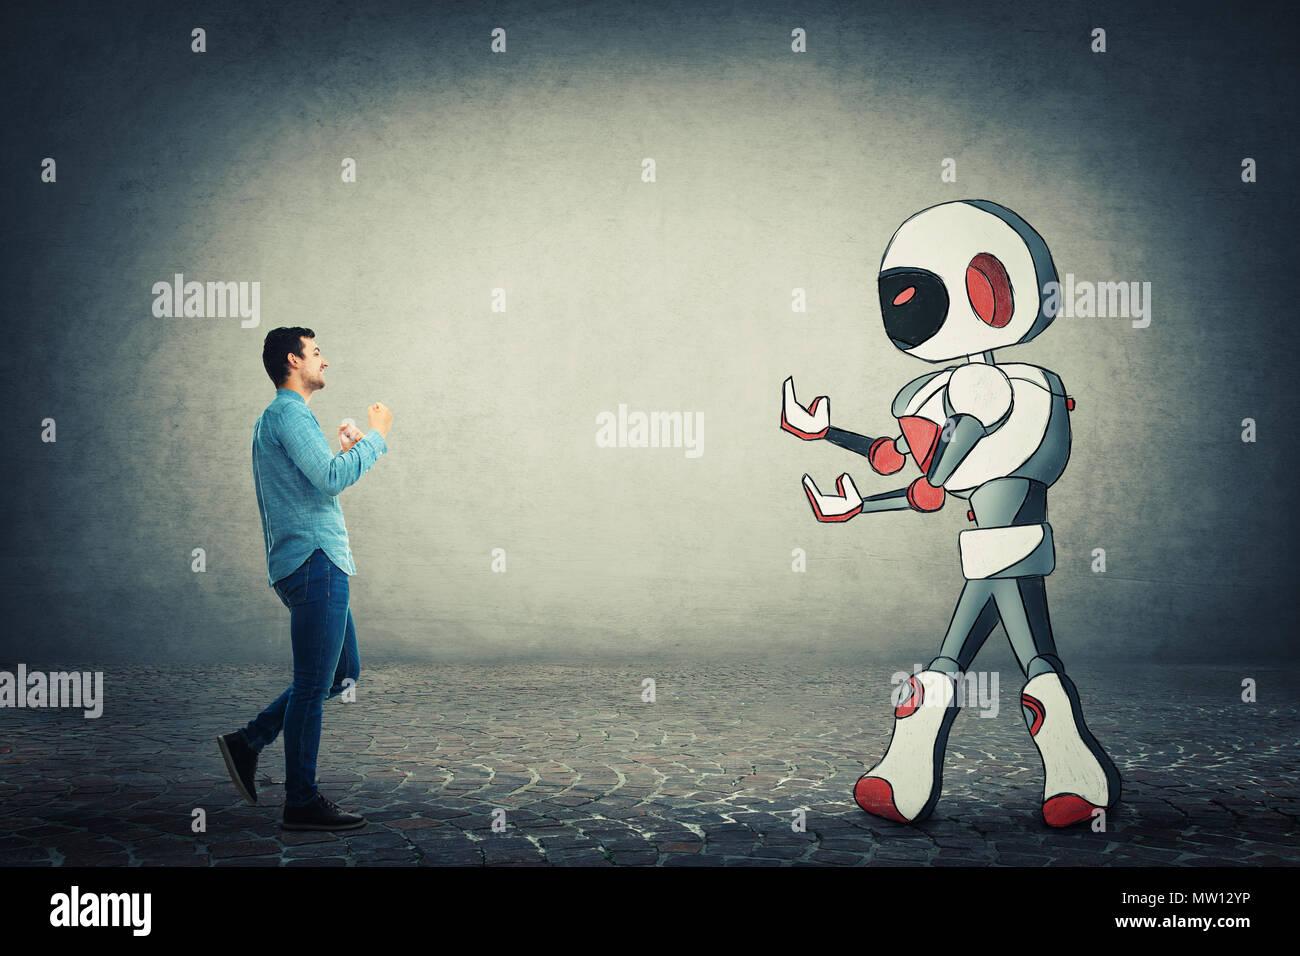 Junge Unternehmer holding Fäuste bereit, gegen Roboter zu kämpfen. Rivalität zwischen Mensch und Technik. Gefahr des Verlusts der Job, Austausch der menschlichen Arbeit Stockbild